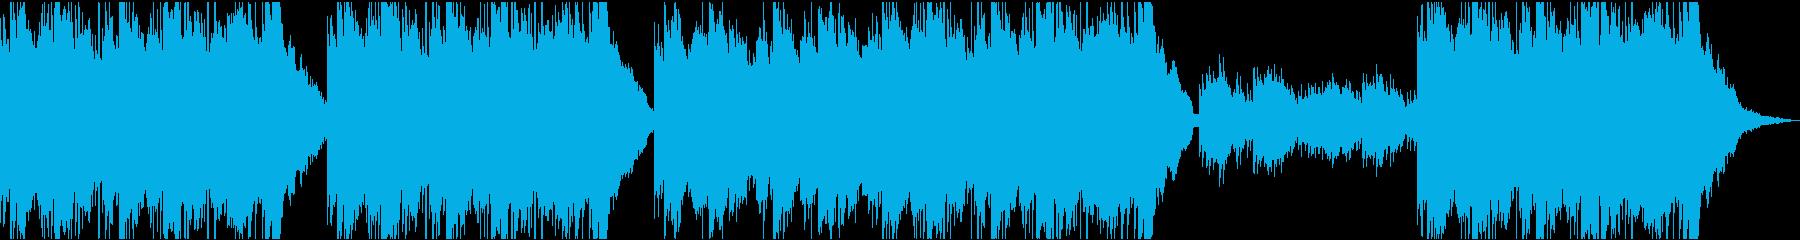 アコギメインの爽やかポップの再生済みの波形